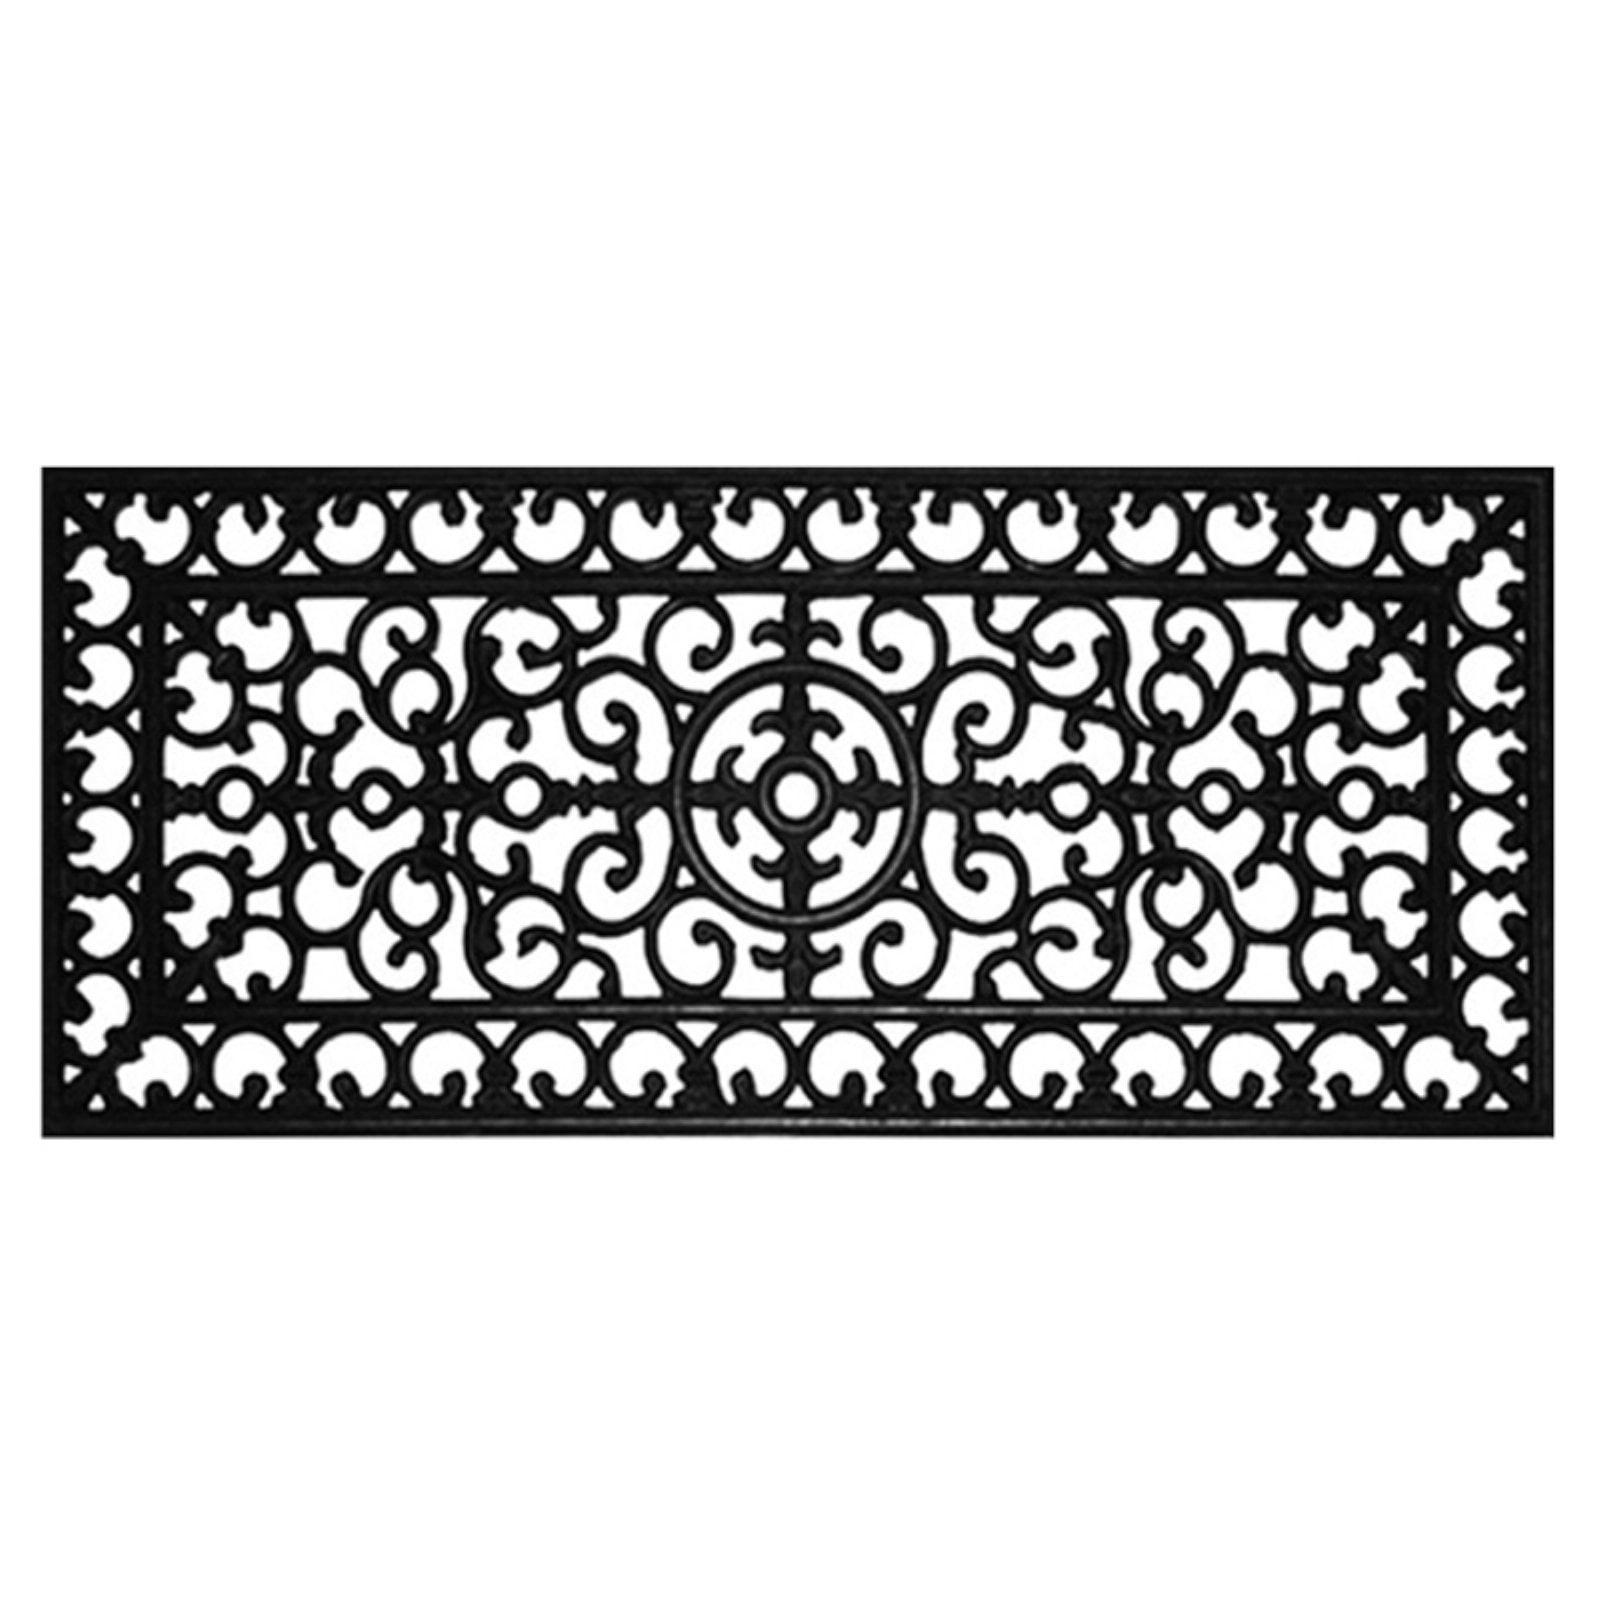 Home & More Rubber Doormat